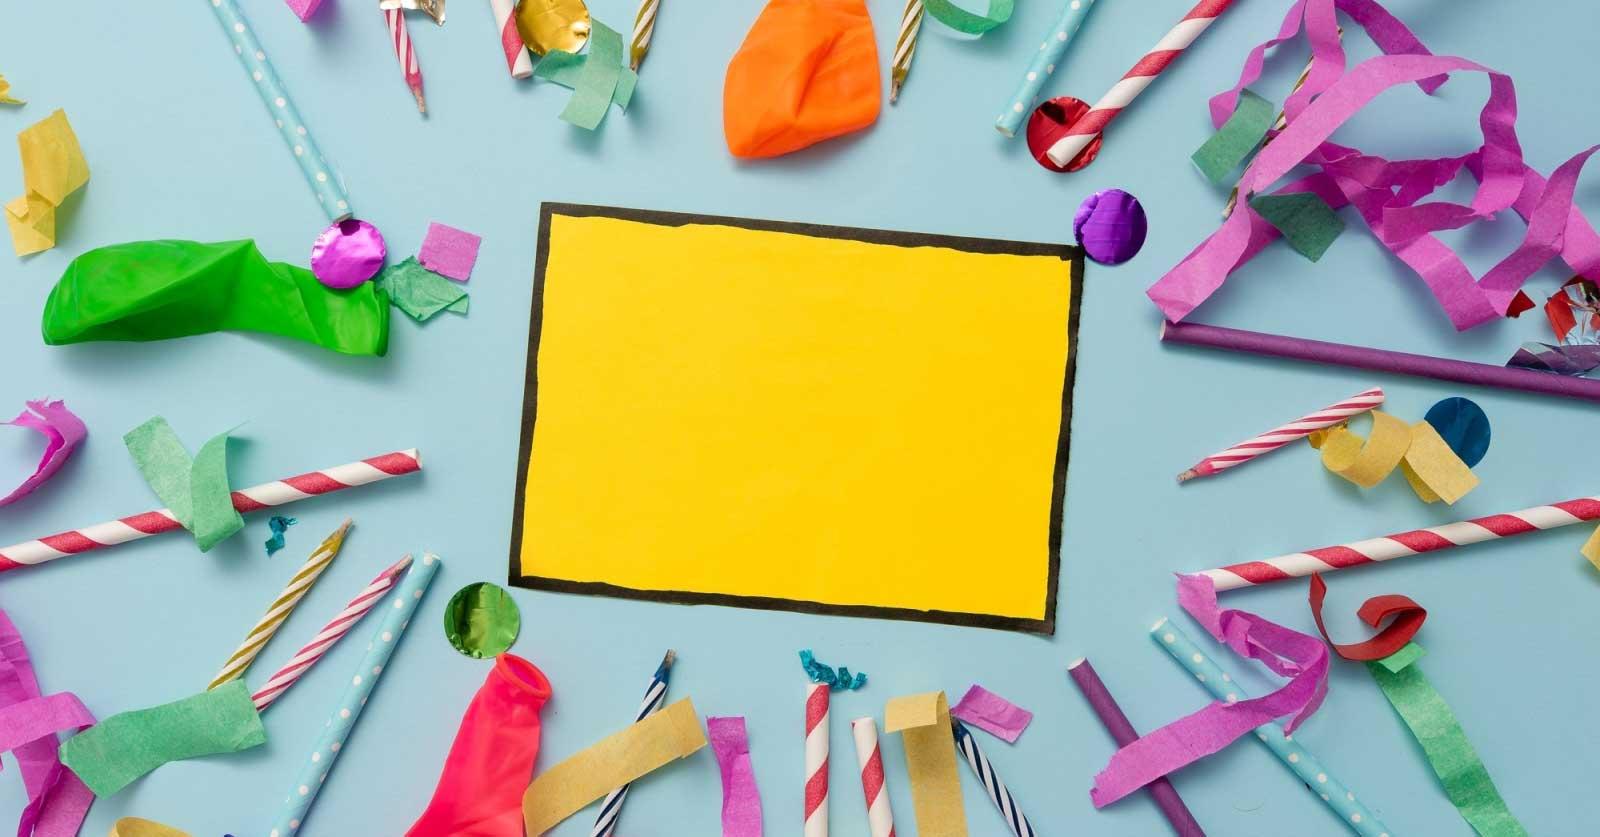 Invito di laurea: cosa scrivere per la festa e la discussione